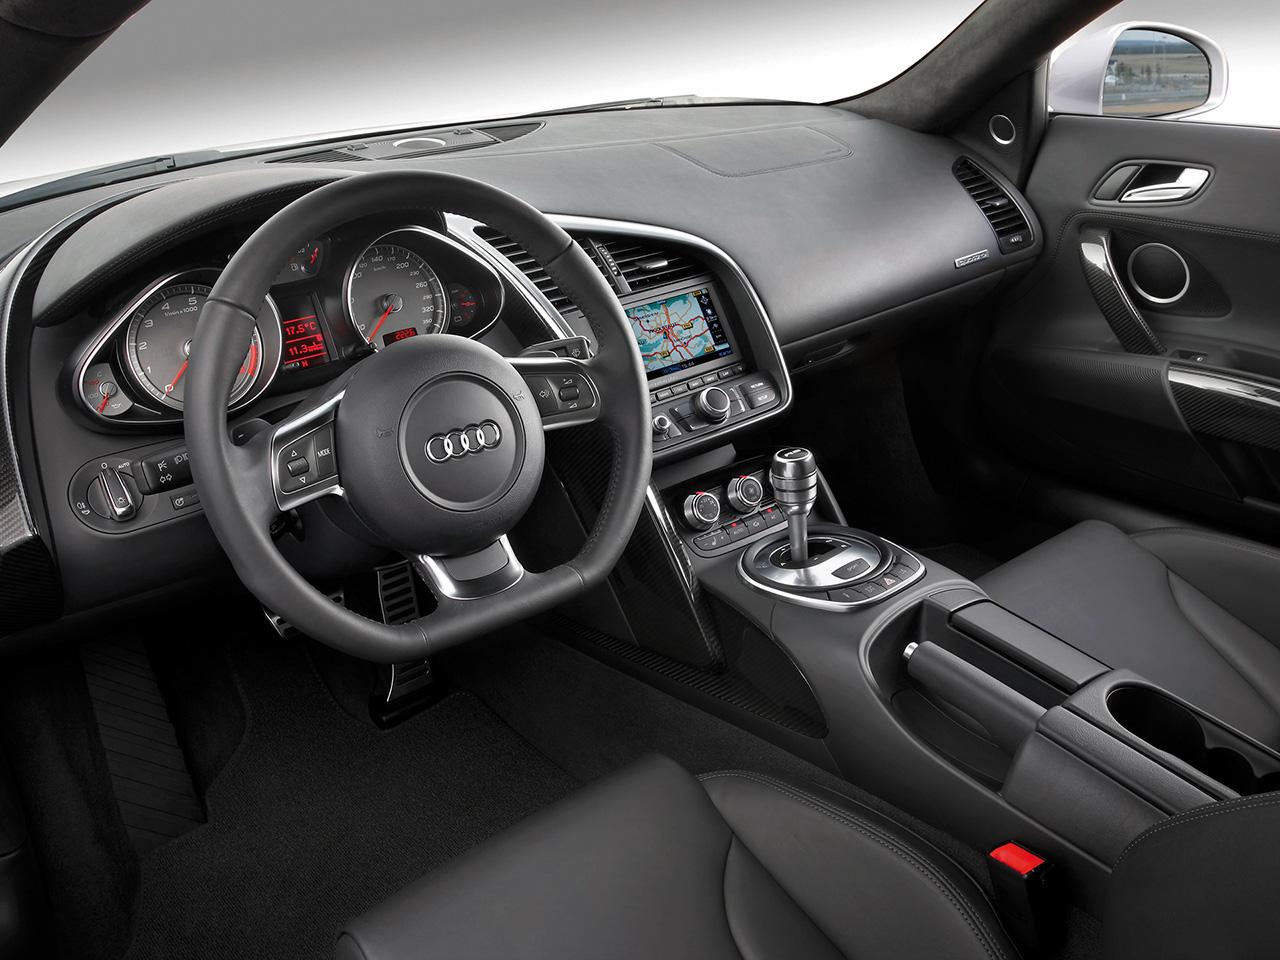 http://2.bp.blogspot.com/_OIHTbzY7a8I/TOcDu2GAmzI/AAAAAAAAAIY/vdj6HBe9fTg/s1600/2007-Audi-R8-Interior-1280x960.jpg